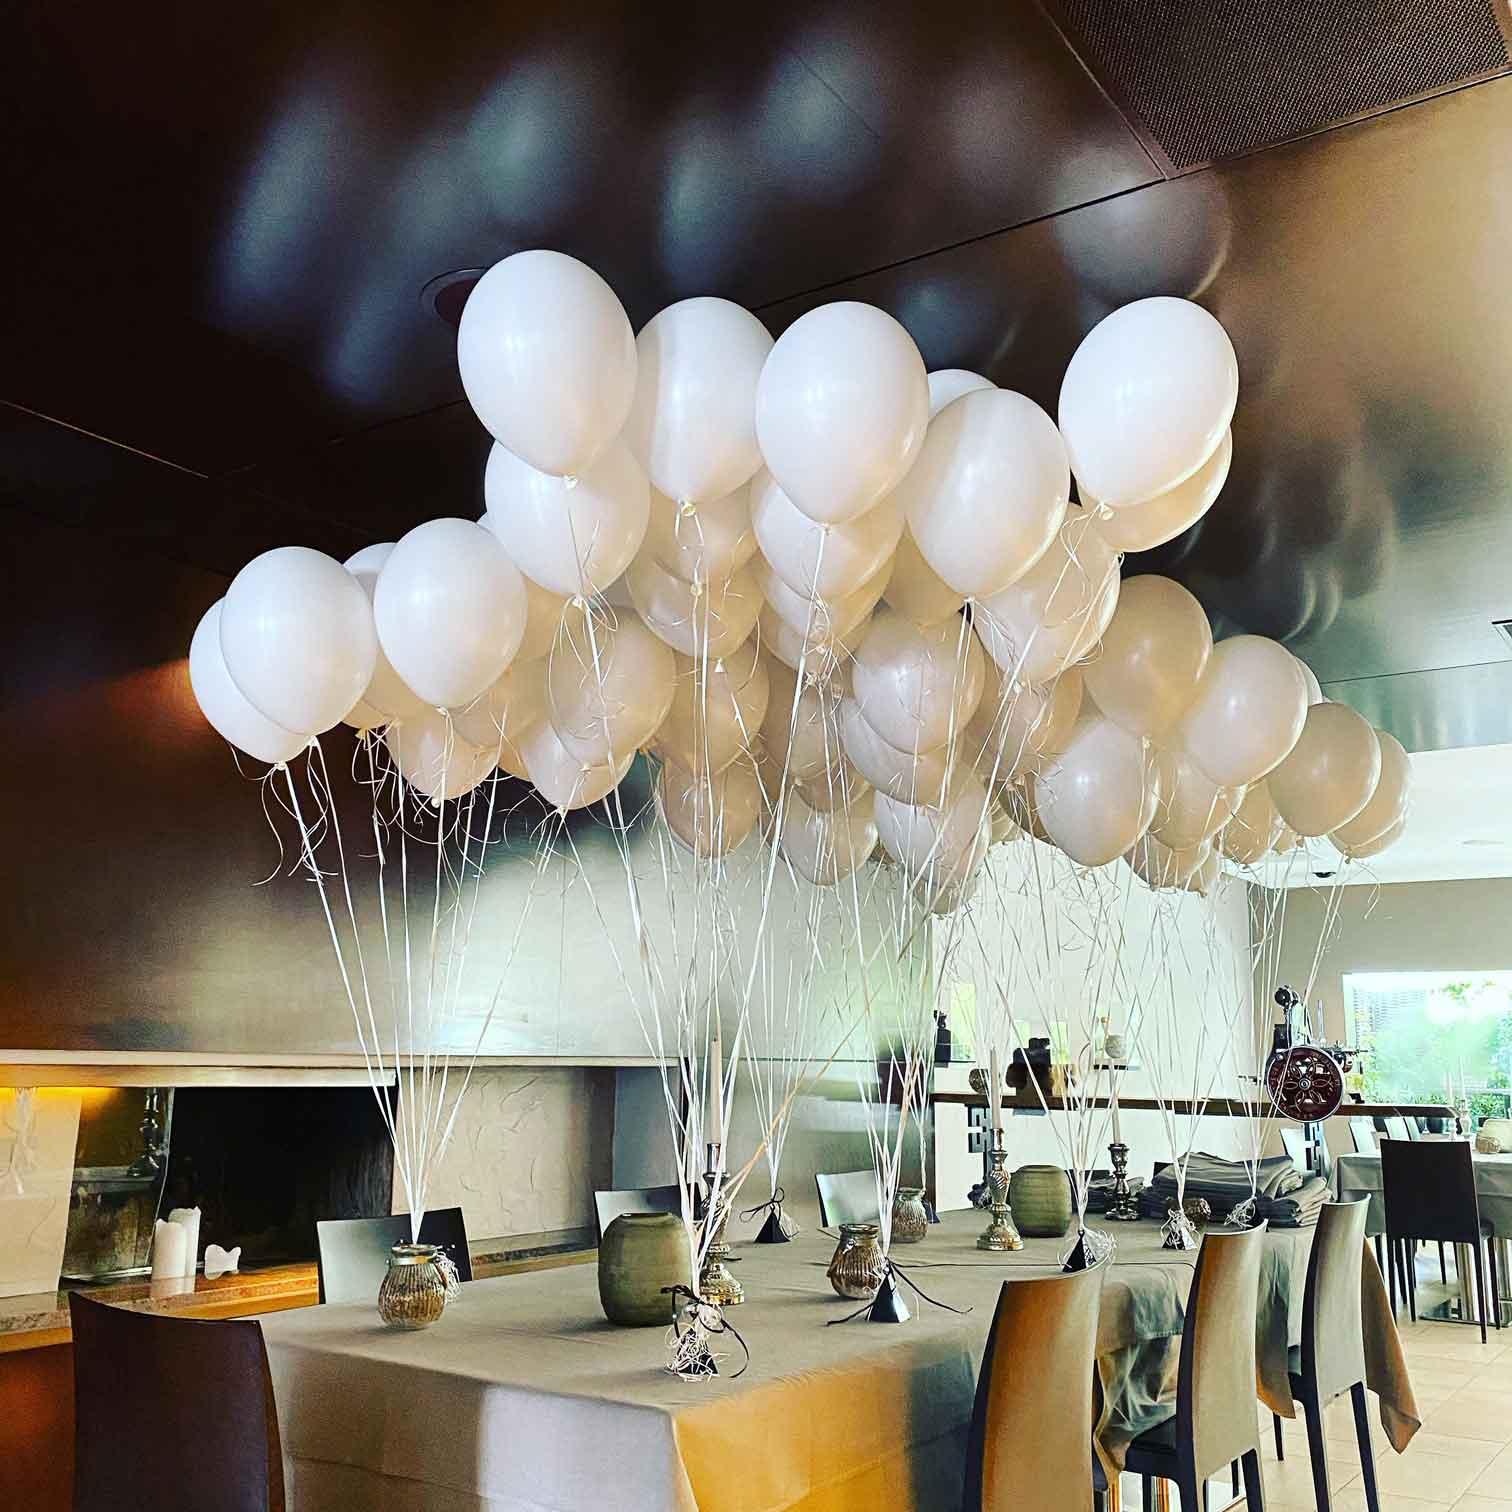 Ballon-Bouquet Weiss 10x10 Stück